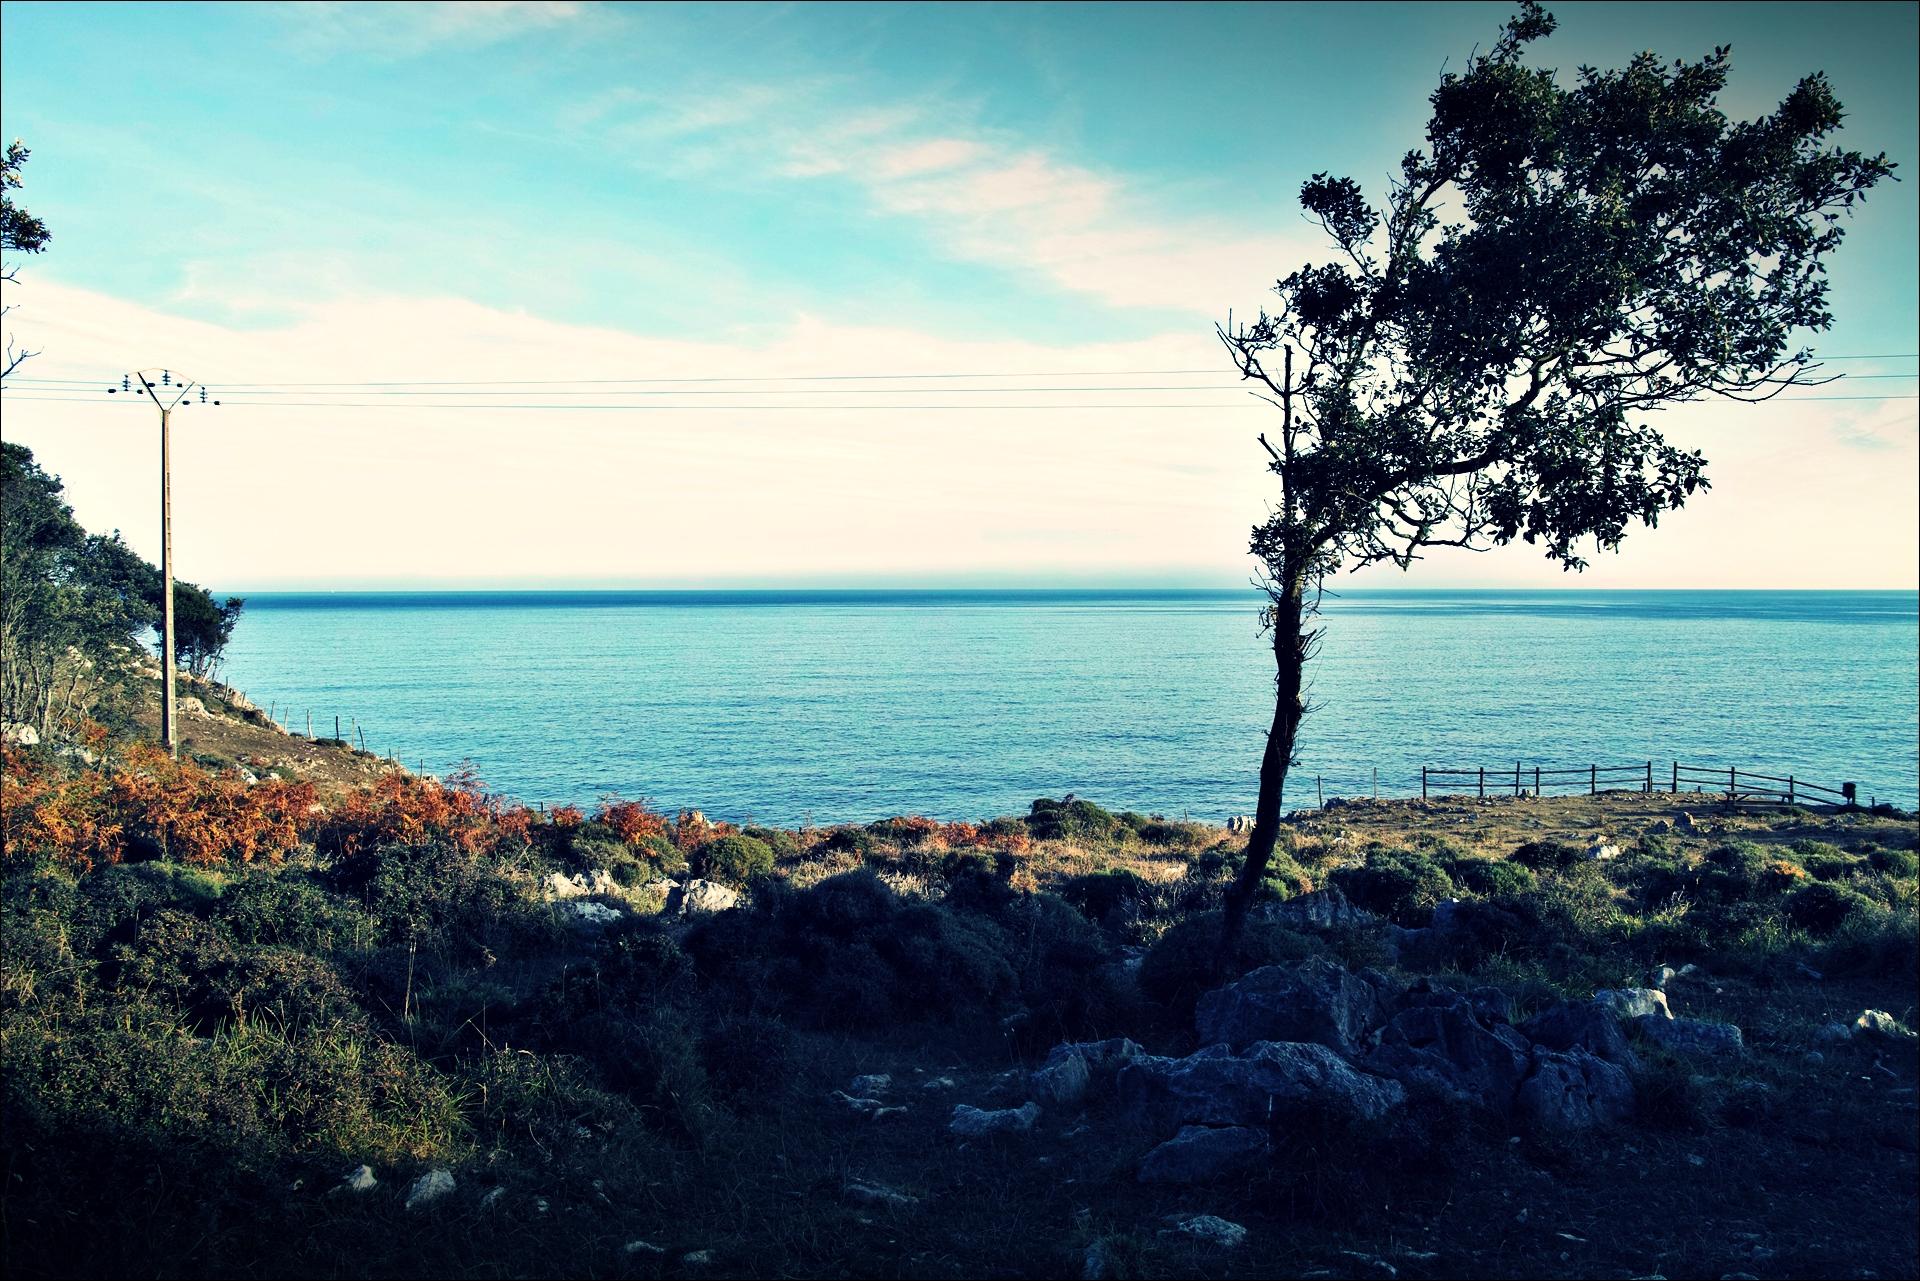 바다-'카미노 데 산티아고 북쪽길. 카스트로 우르디알레스에서 리엔도. (Camino del Norte - Castro Urdiales to Liendo) '